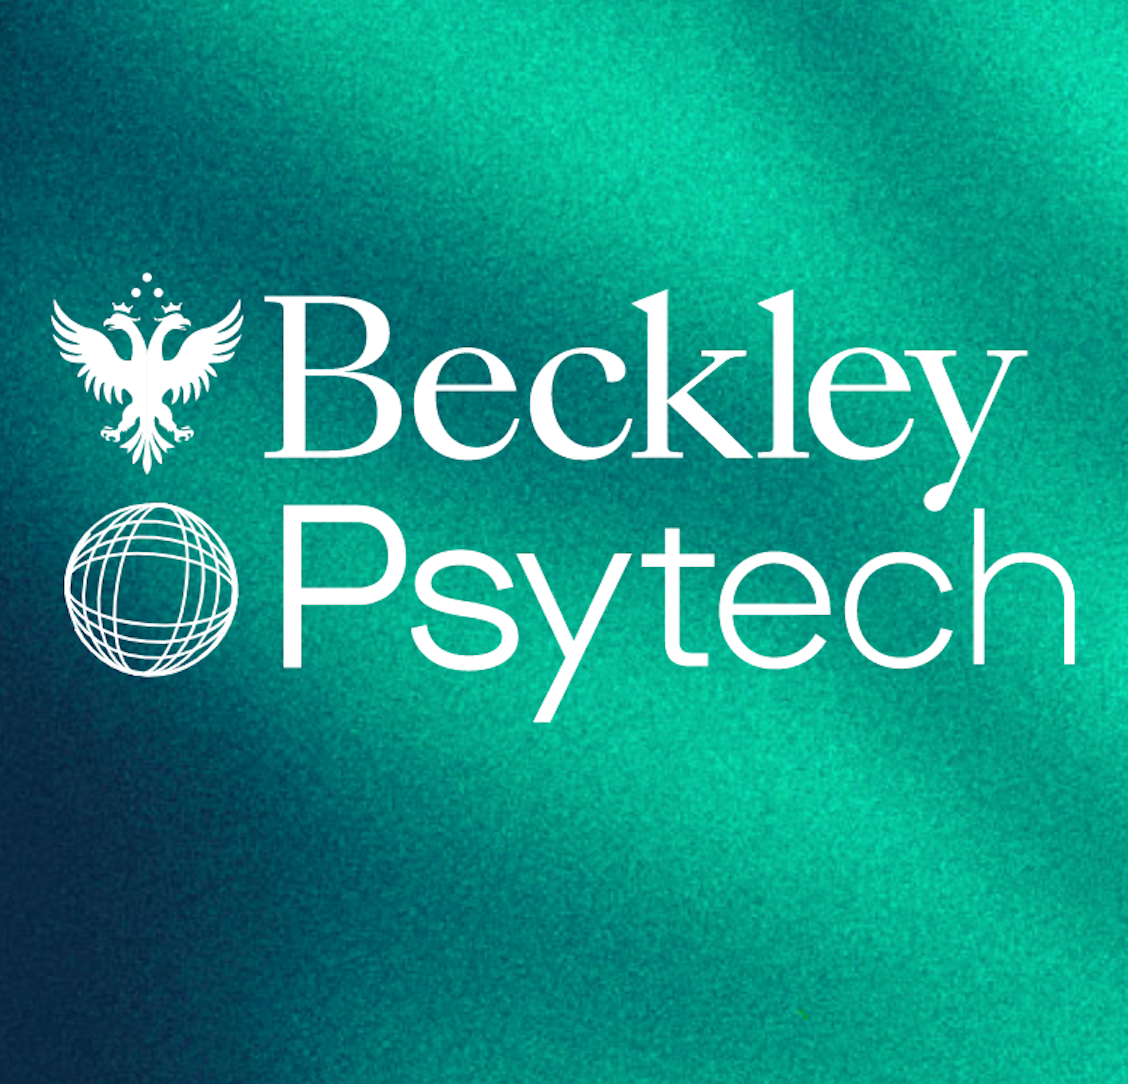 Beckley Psytech